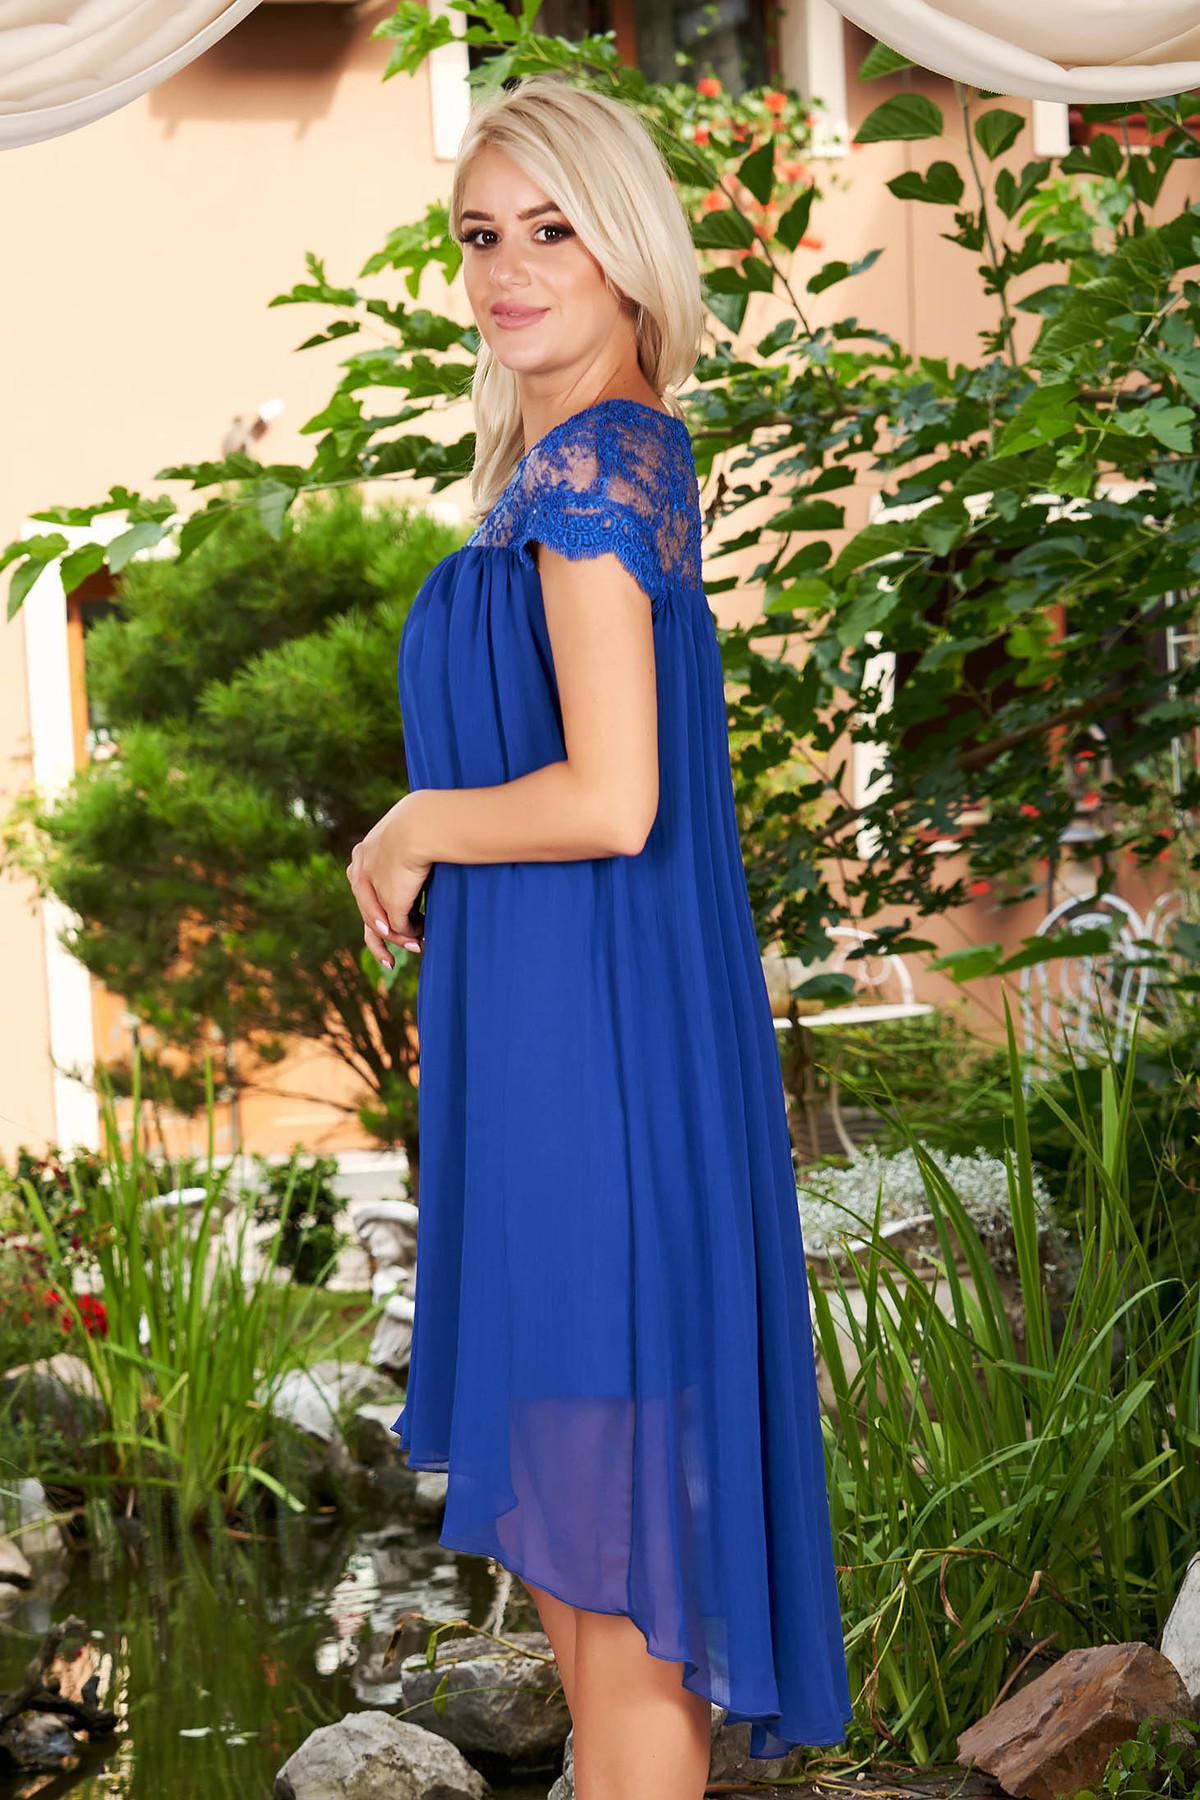 Rochie PrettyGirl albastra eleganta scurta asimetrica cu croi larg din voal cu maneci scurte si decolteu la baza gatului